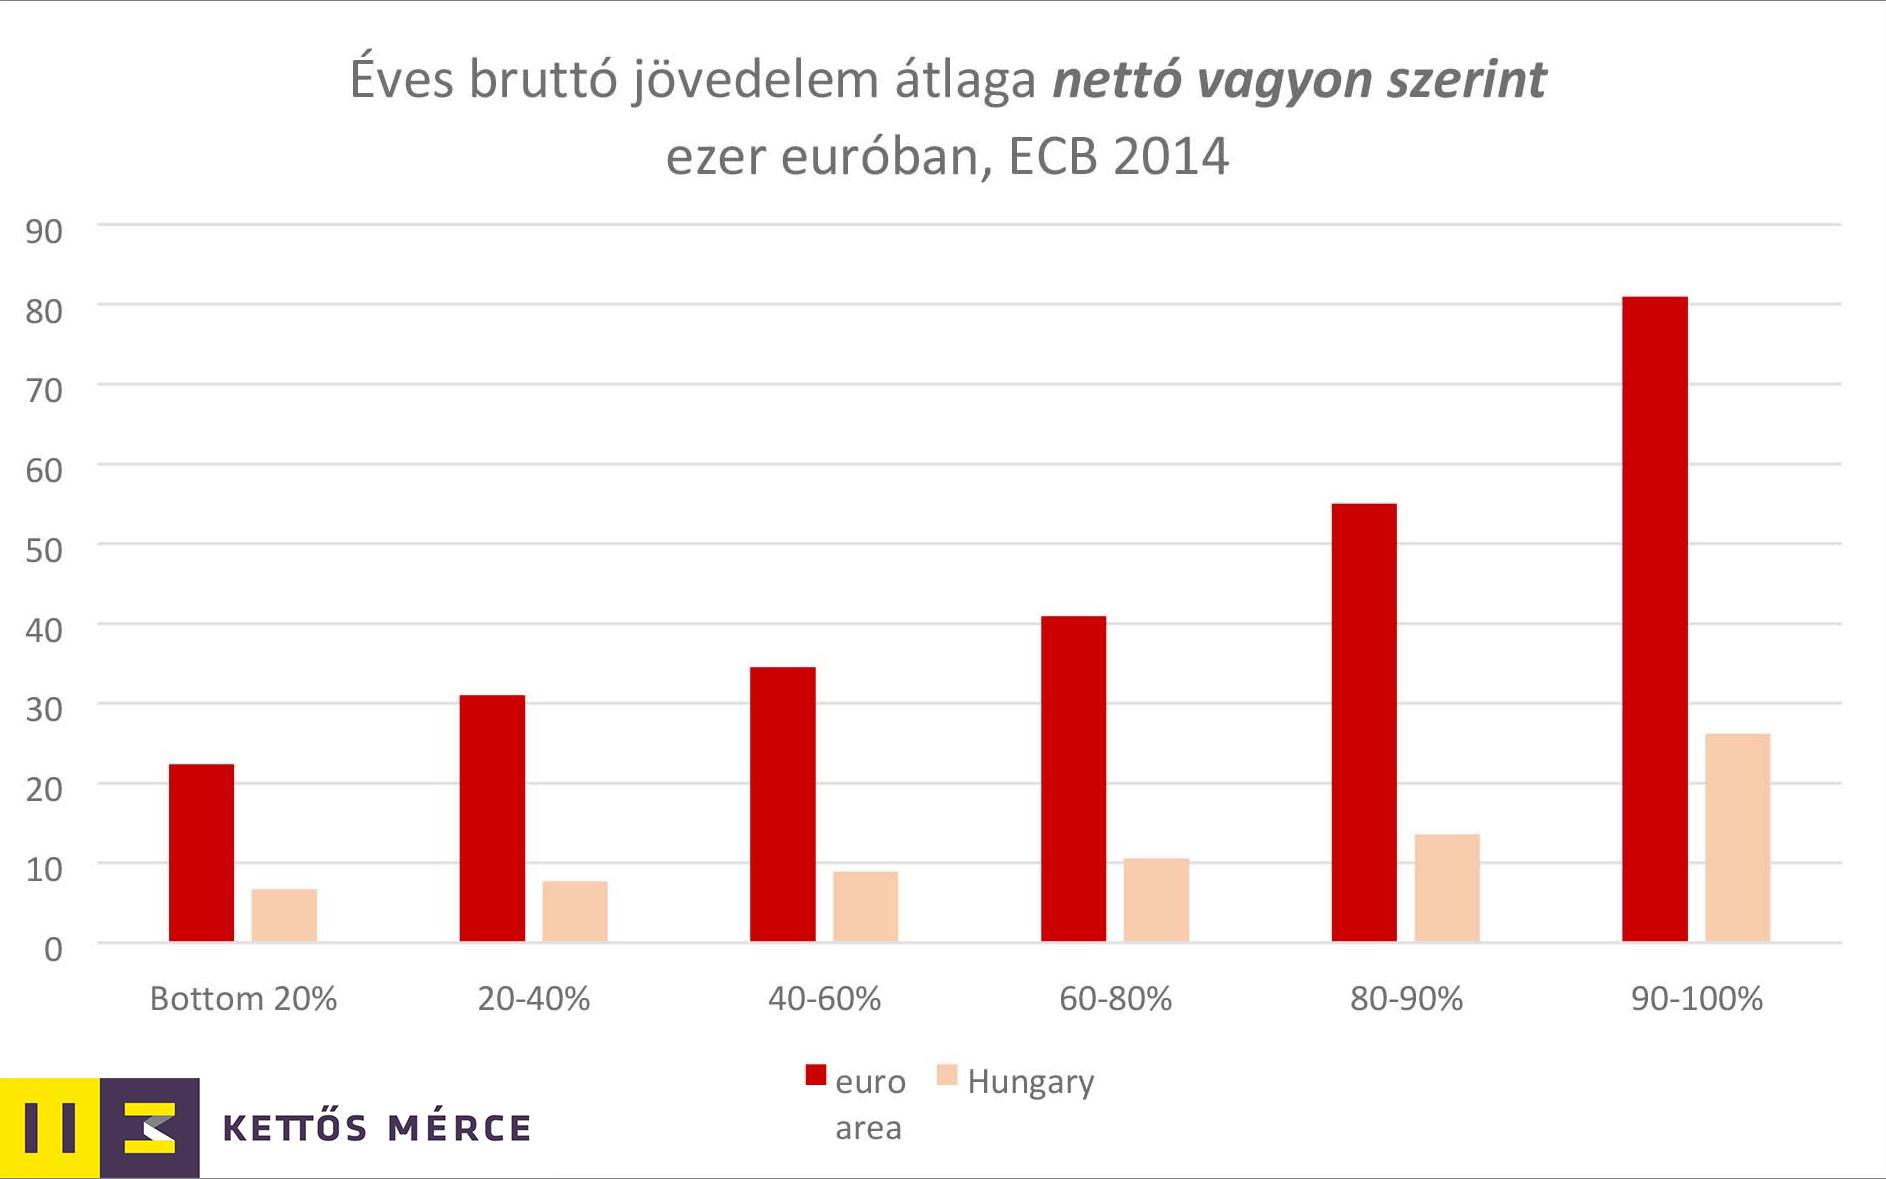 eves-brutto-jovedelem-atlaga-vagyon-szerint.png